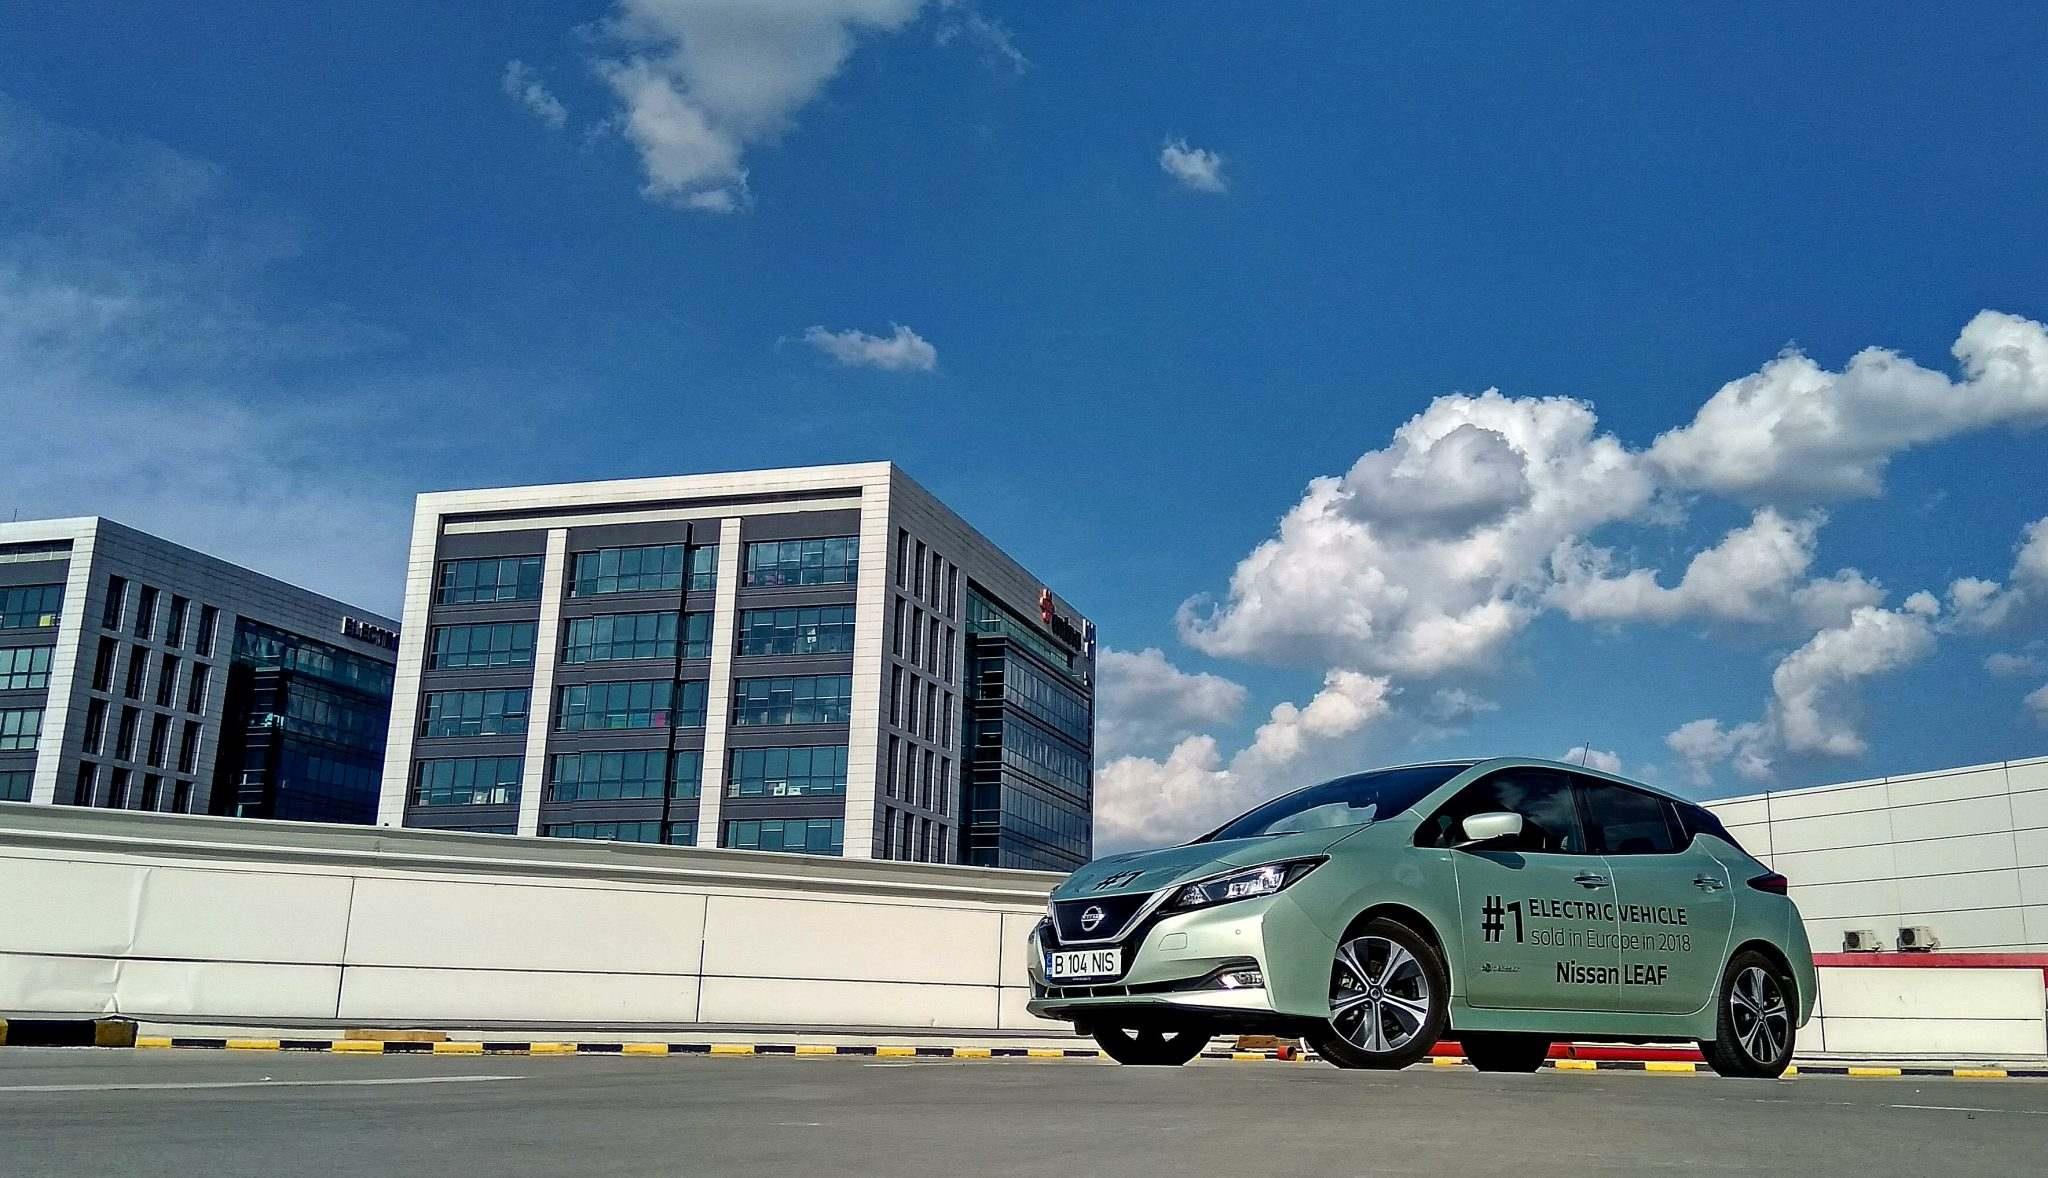 Nissan Leav N-Connecta 40 kW (48)